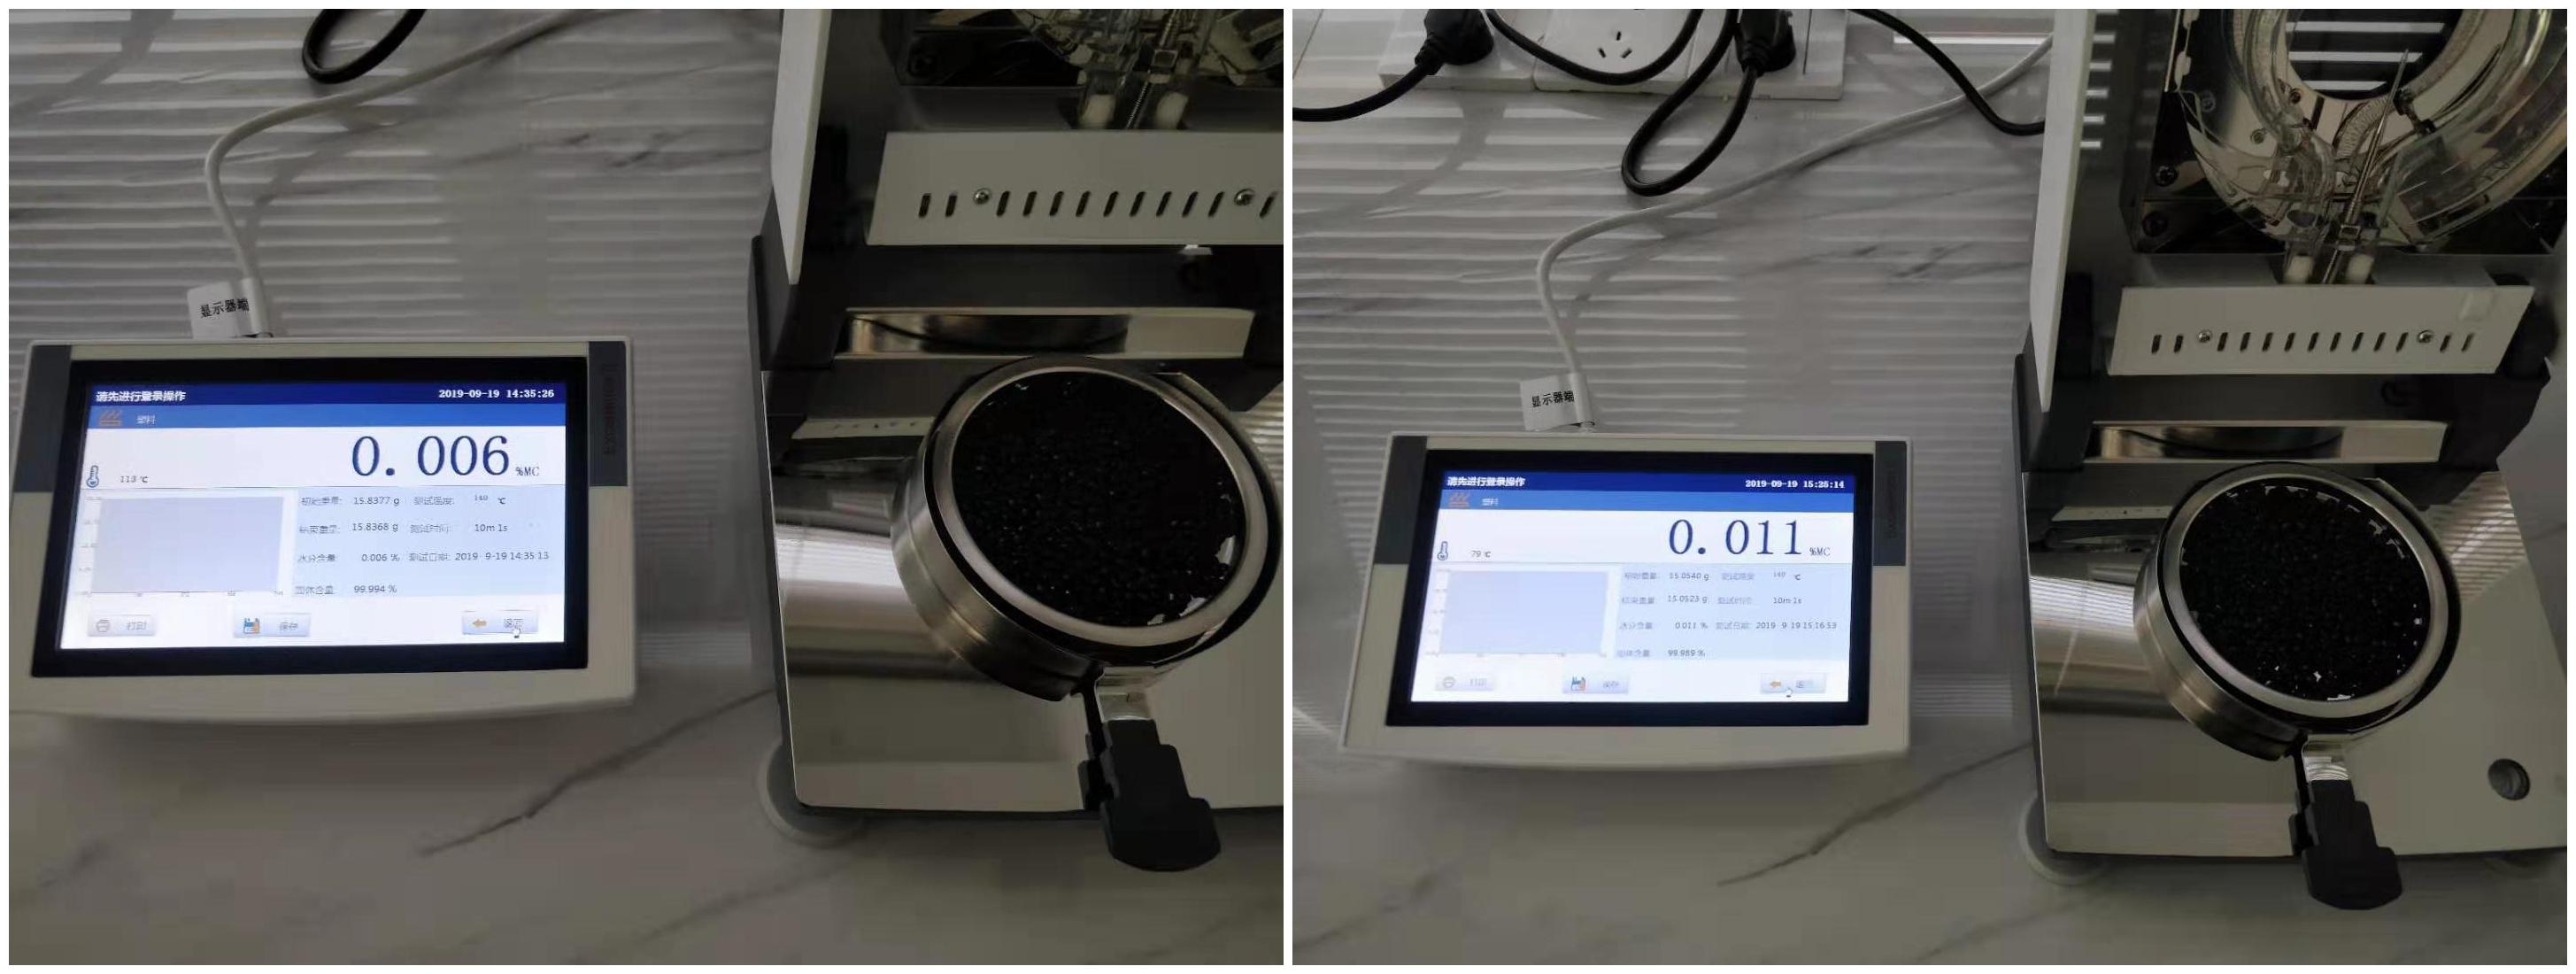 塑料水分仪测量结果